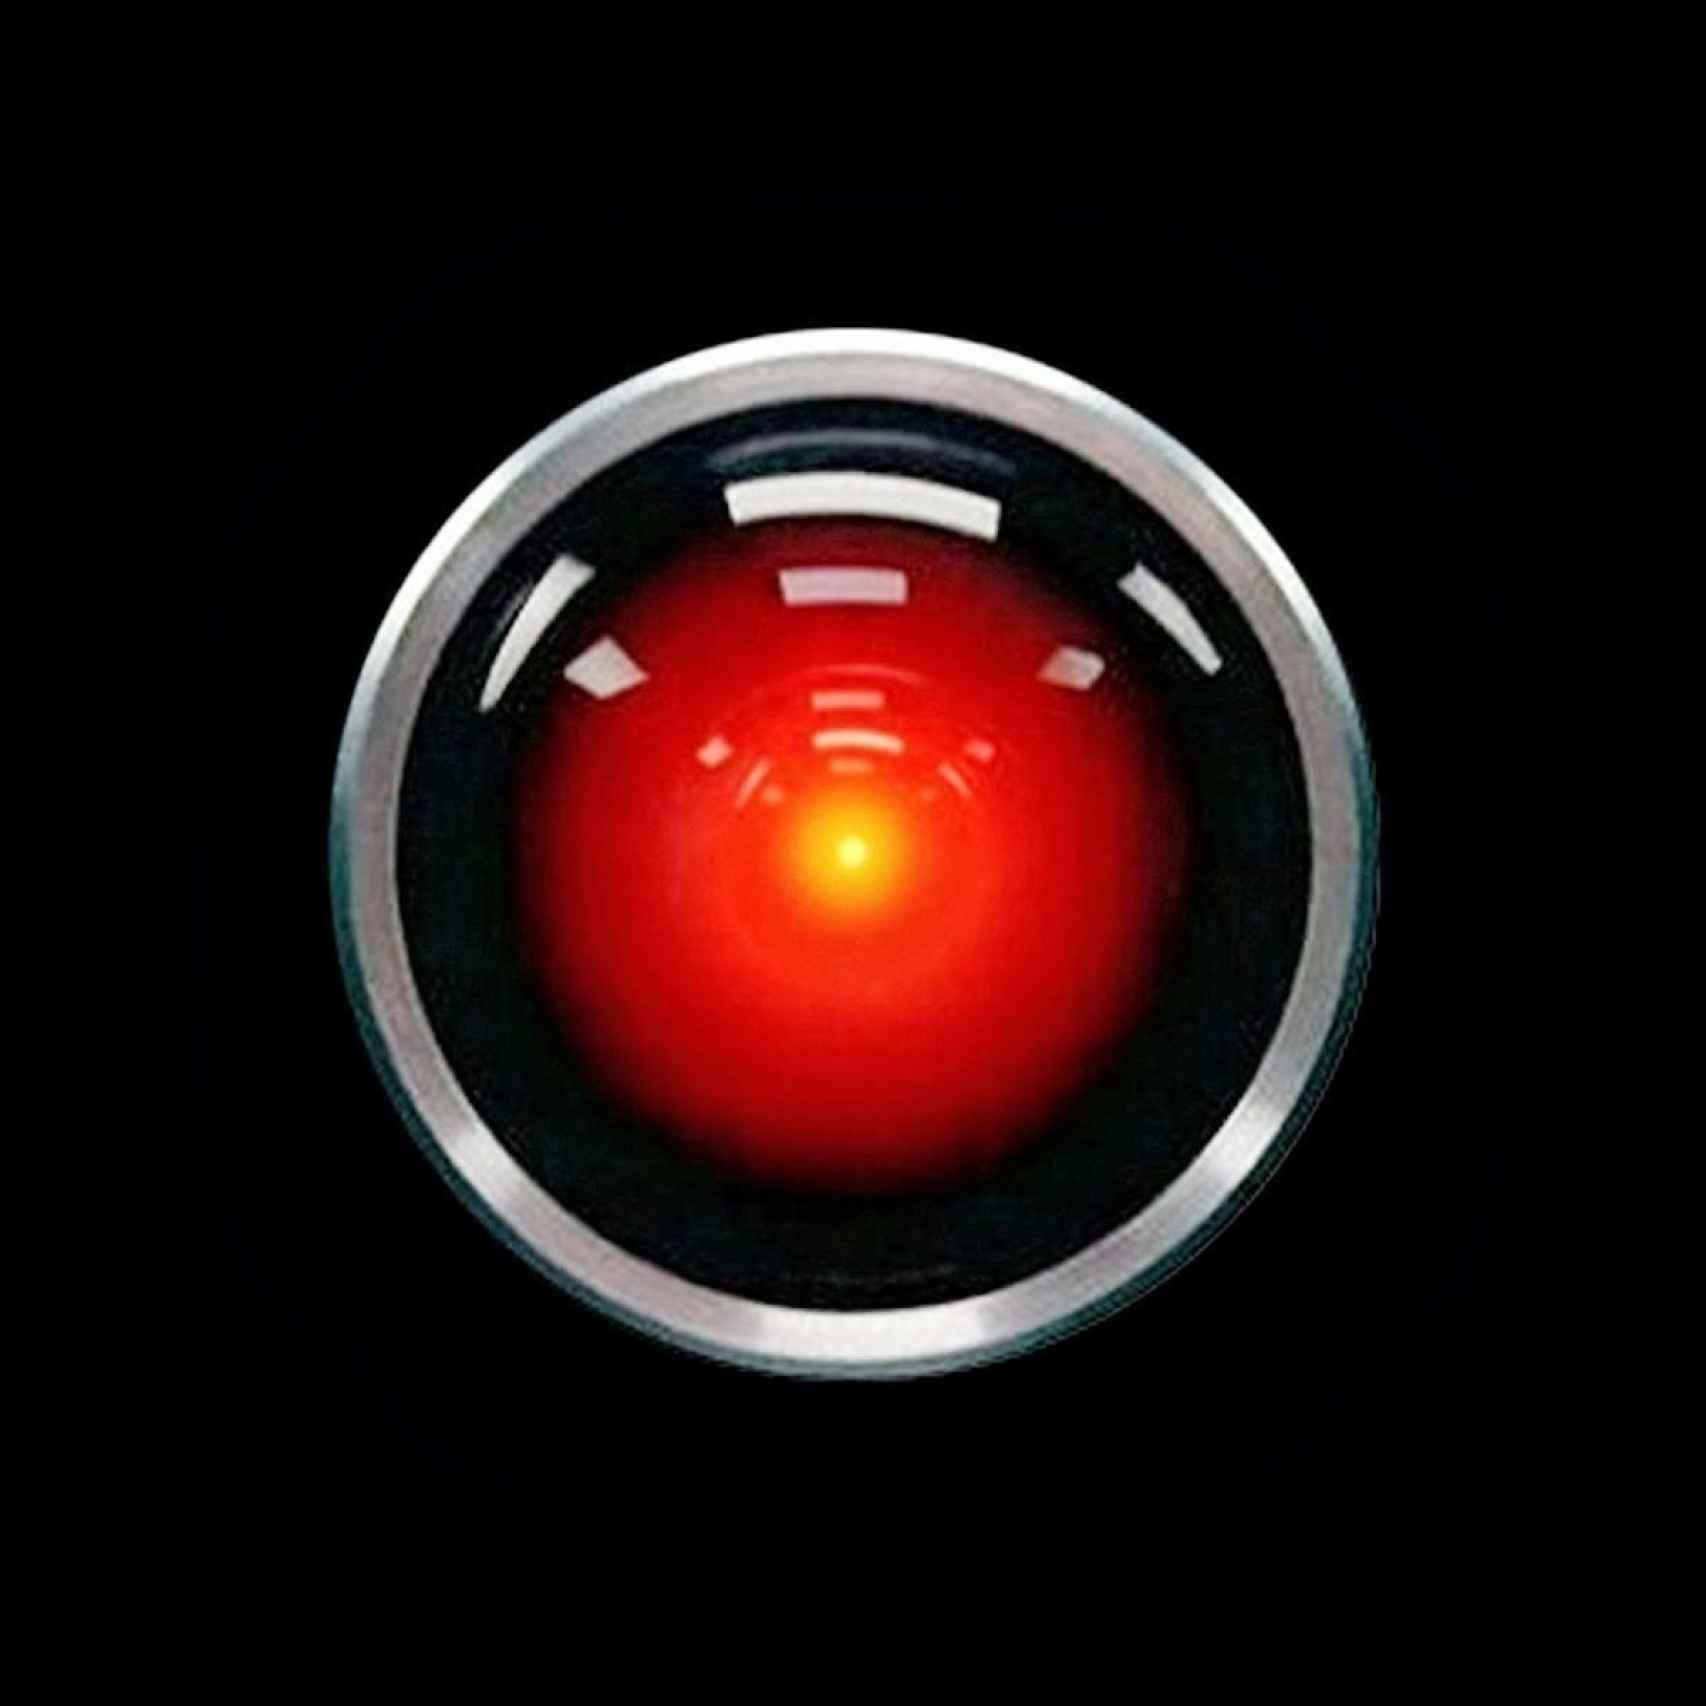 Hall 9000, el ojo de Odisea en el Espacio, de Stanley Kubrick.